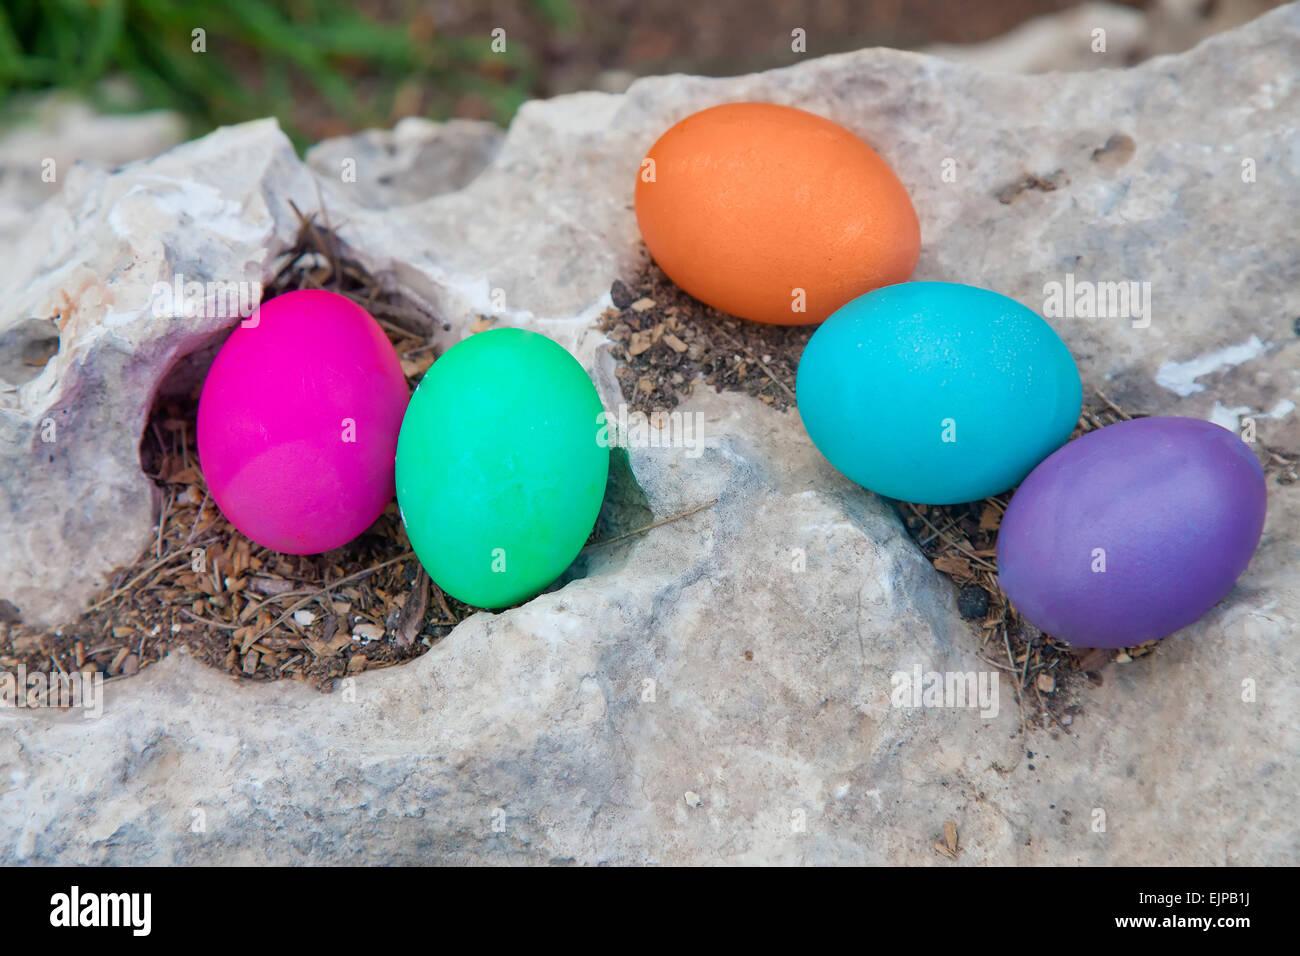 Coloridos huevos sobre una roca - búsqueda del huevo de Pascua concepto Imagen De Stock